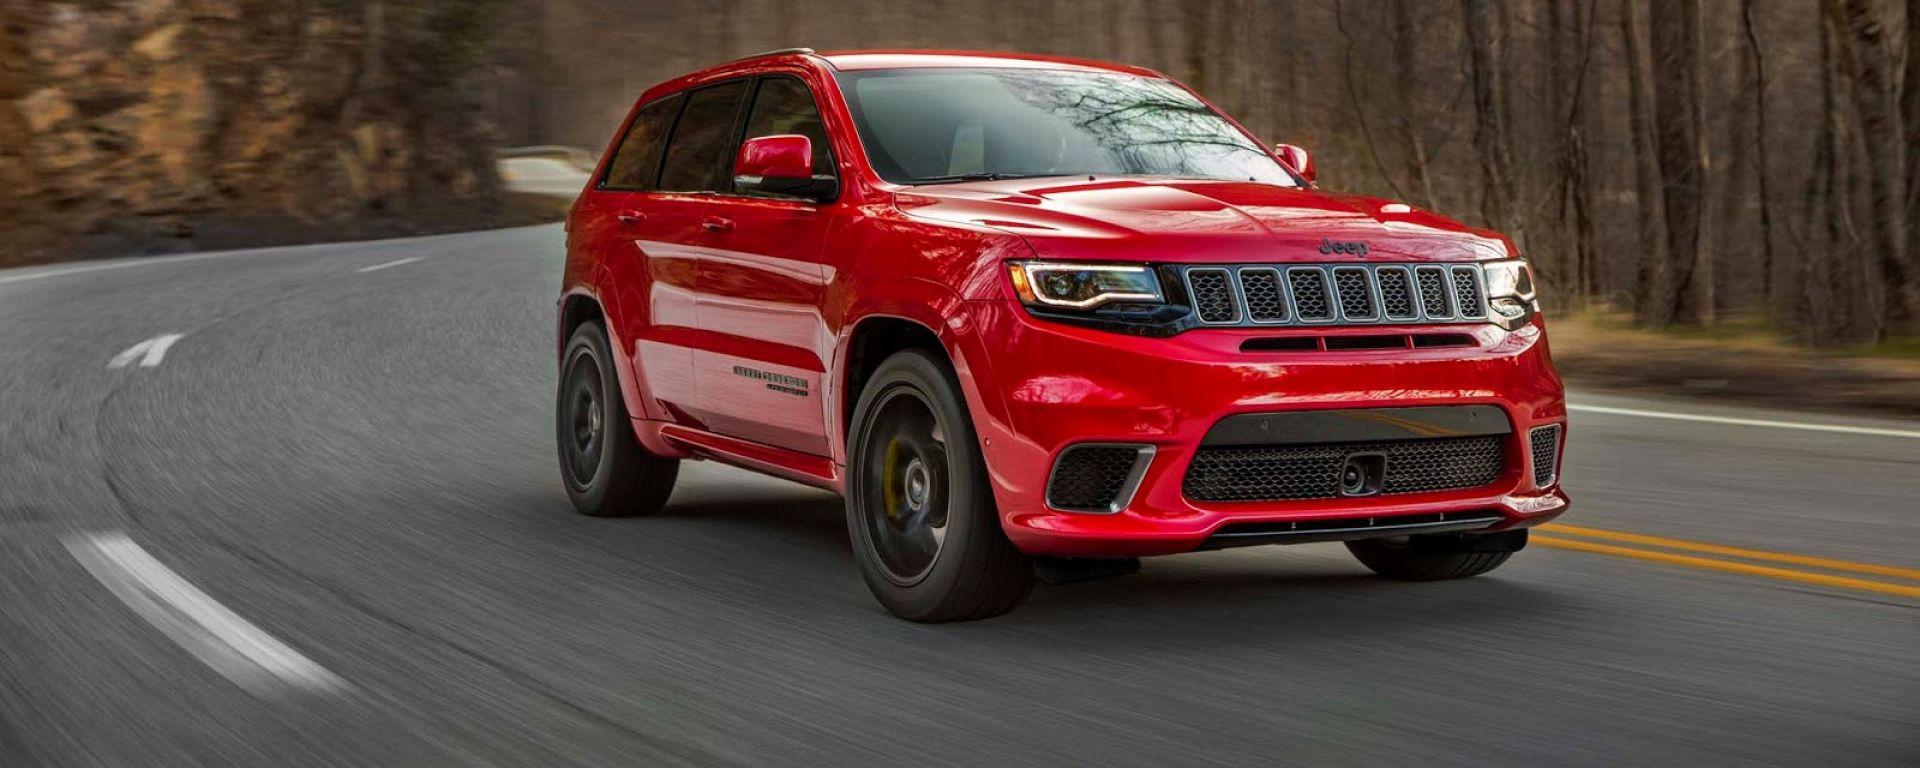 L'attuale Jeep Grand Cherokee in versione Trackhawk